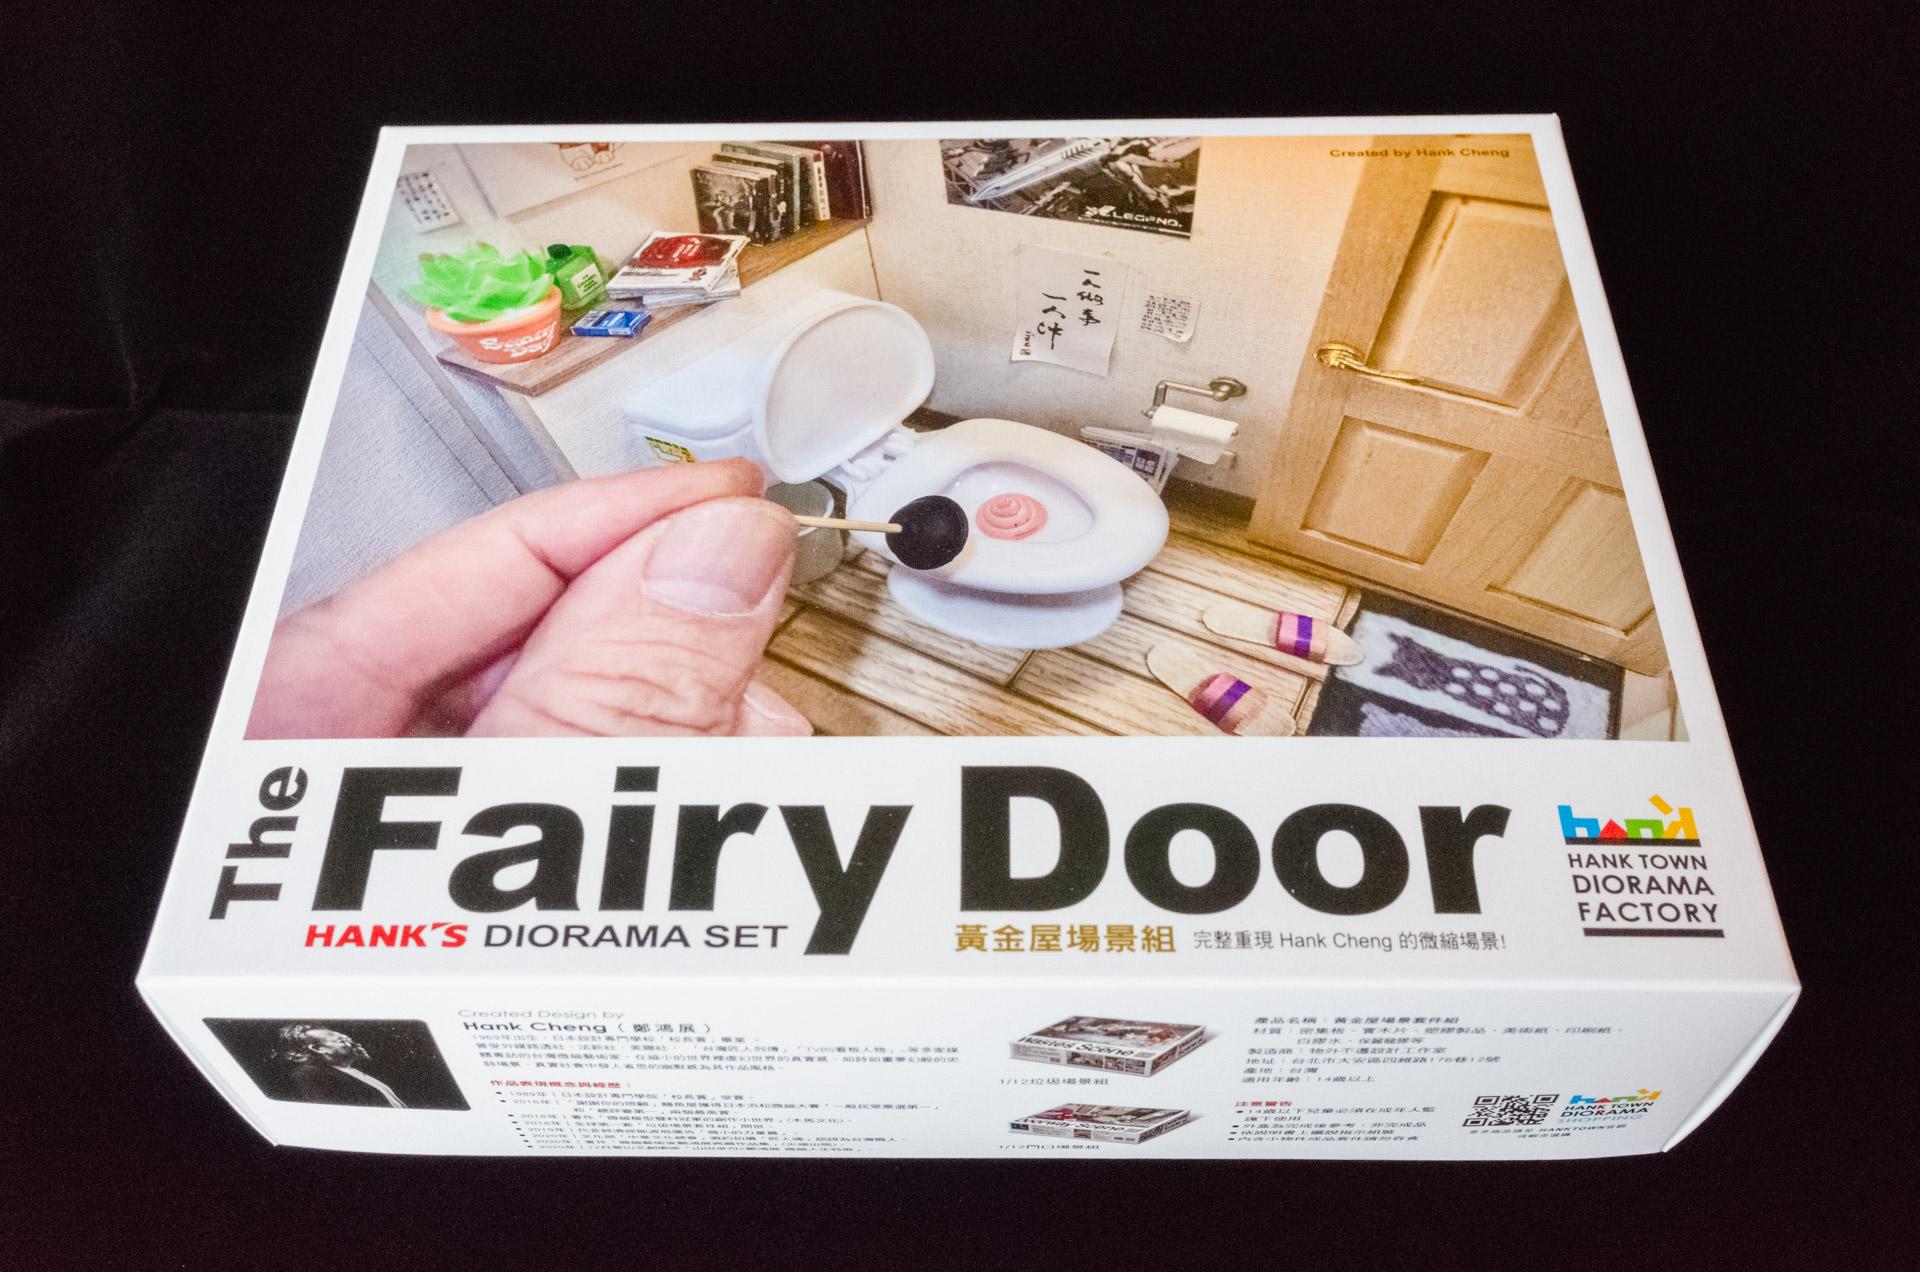 入手微縮療癒小物 – 黃金屋場景組(The Fairy Door)